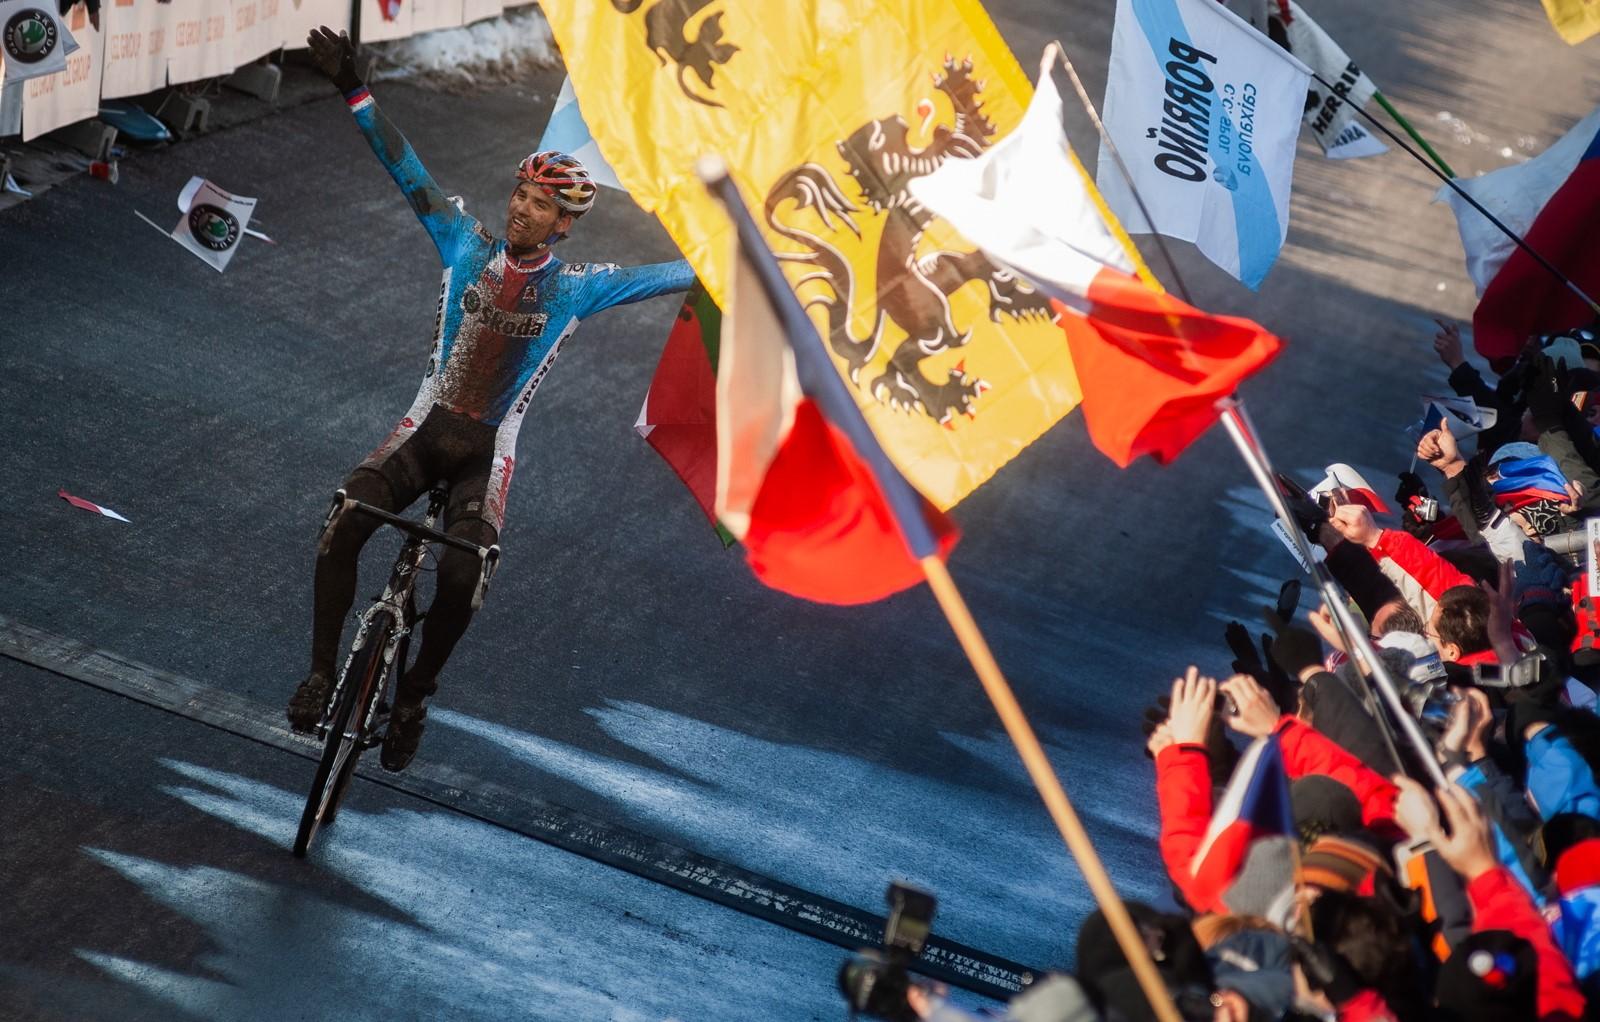 Zdeněk Štybar a jeho první titul mistra světa v cyklokrosu na trati v Táboře. Foto: Michal Červený